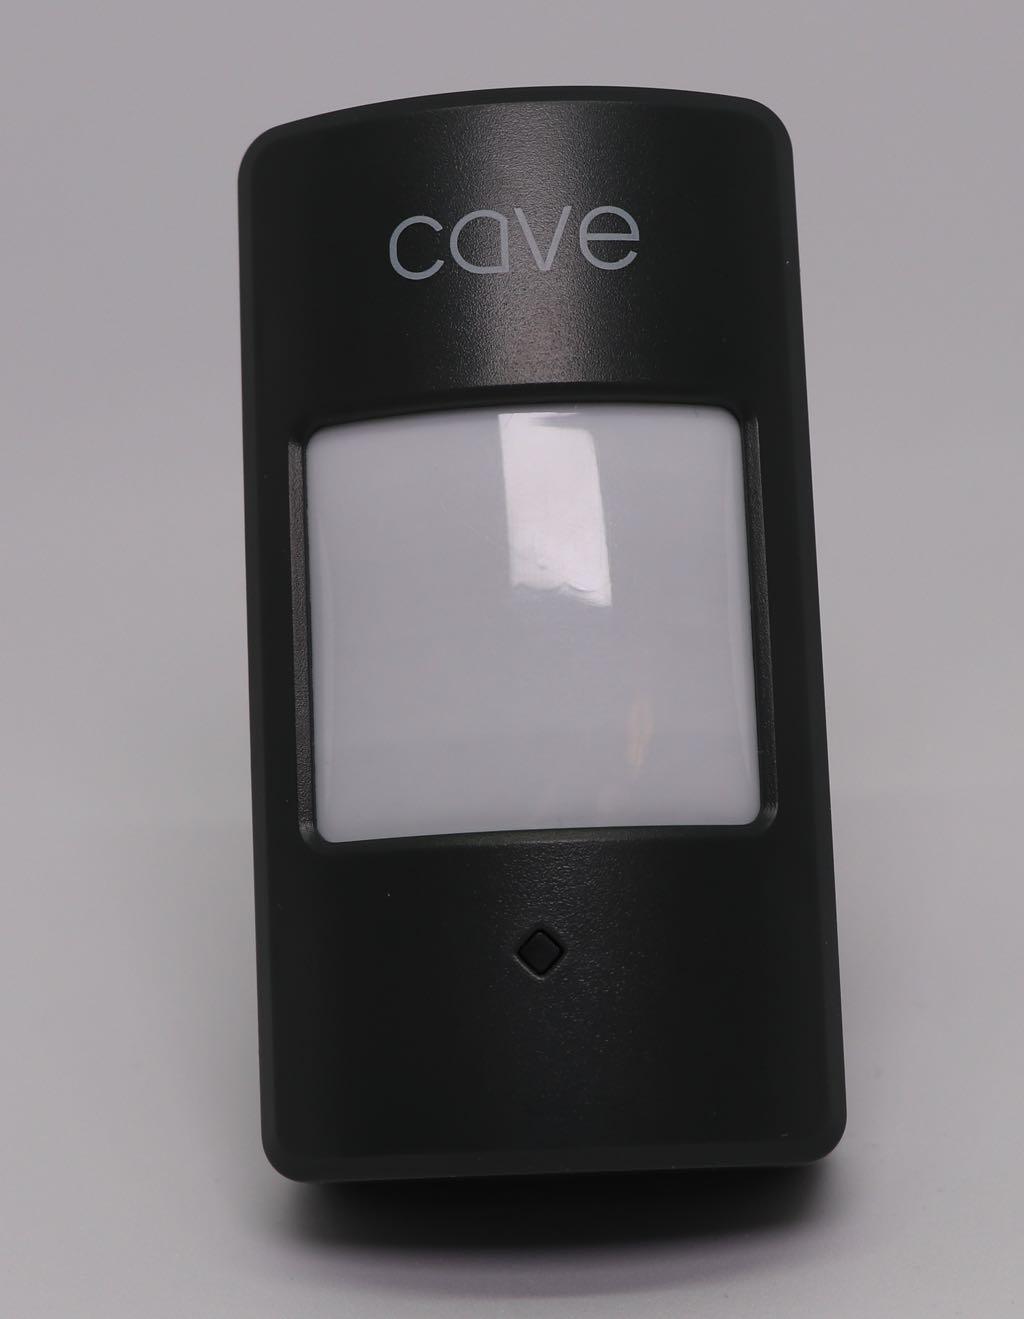 Veho Cave bevægelsessensor. Foto: Lars Bennetzen